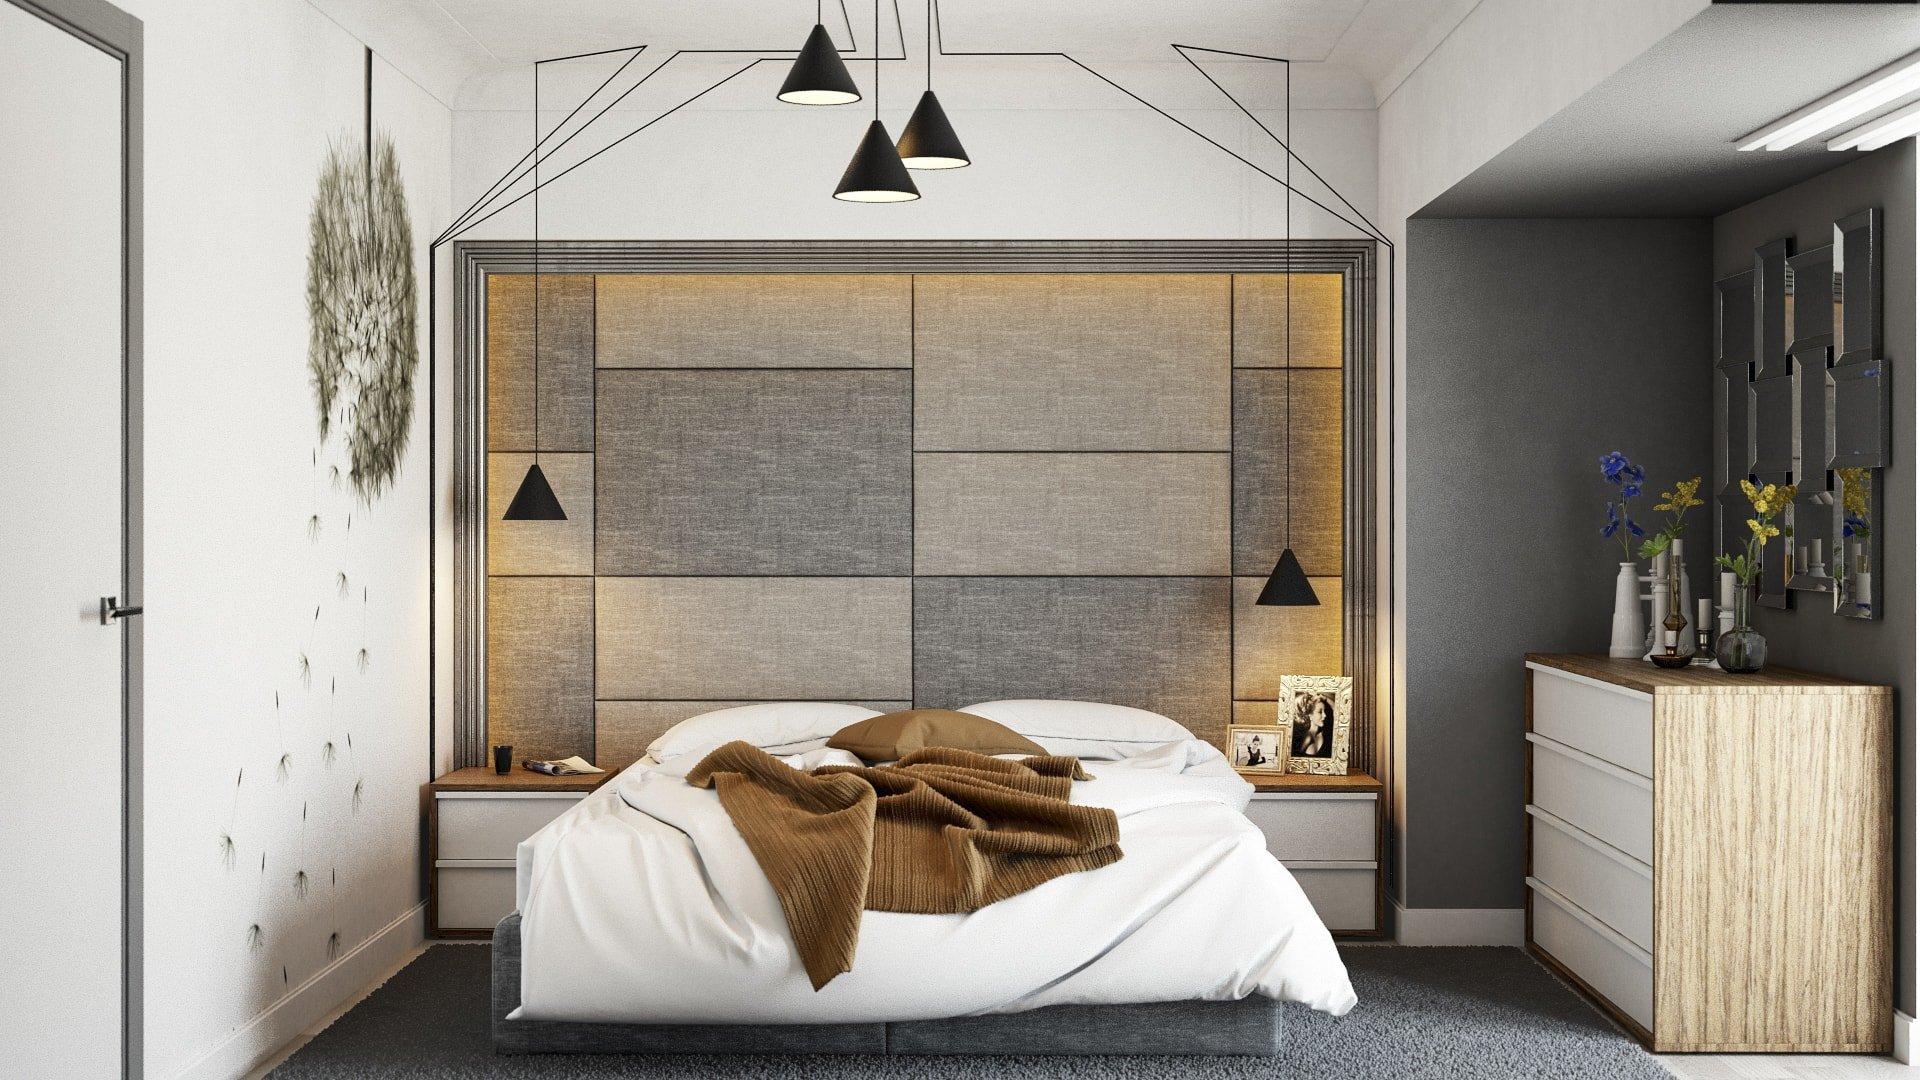 Apartment Elegant Nordic Style Nordic Interior Design Studio Insign